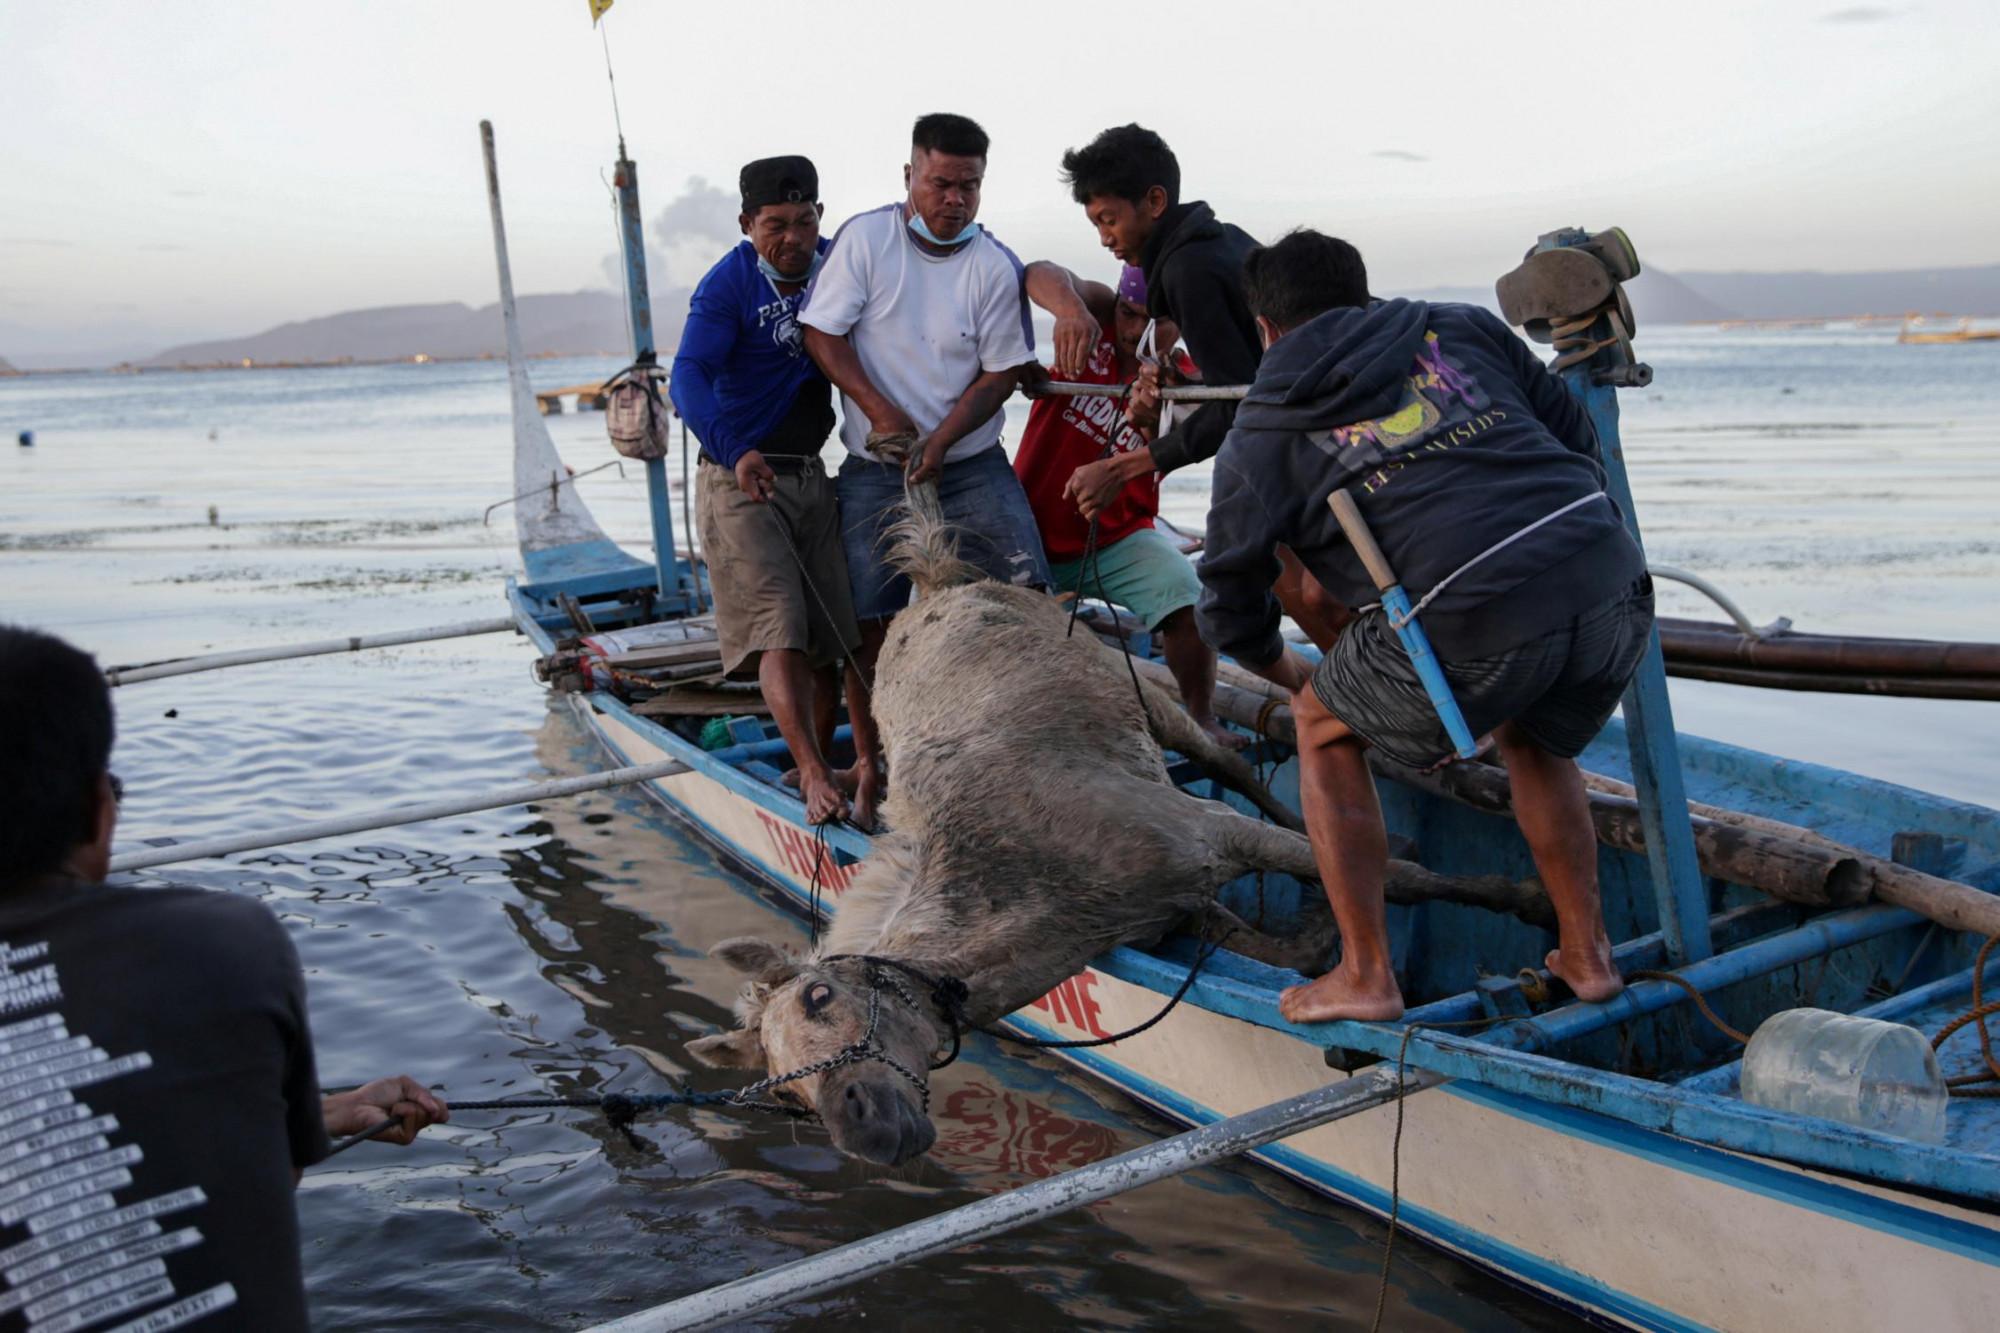 Một con ngựa bị thương được những người dân ở gần núi lửa Taal cứu lên thuyền của họ. Hình của Eloisa Lopez, chụp ở Talisay, Batangas, ngày 16/1/2020 (nguồn: Reuters).